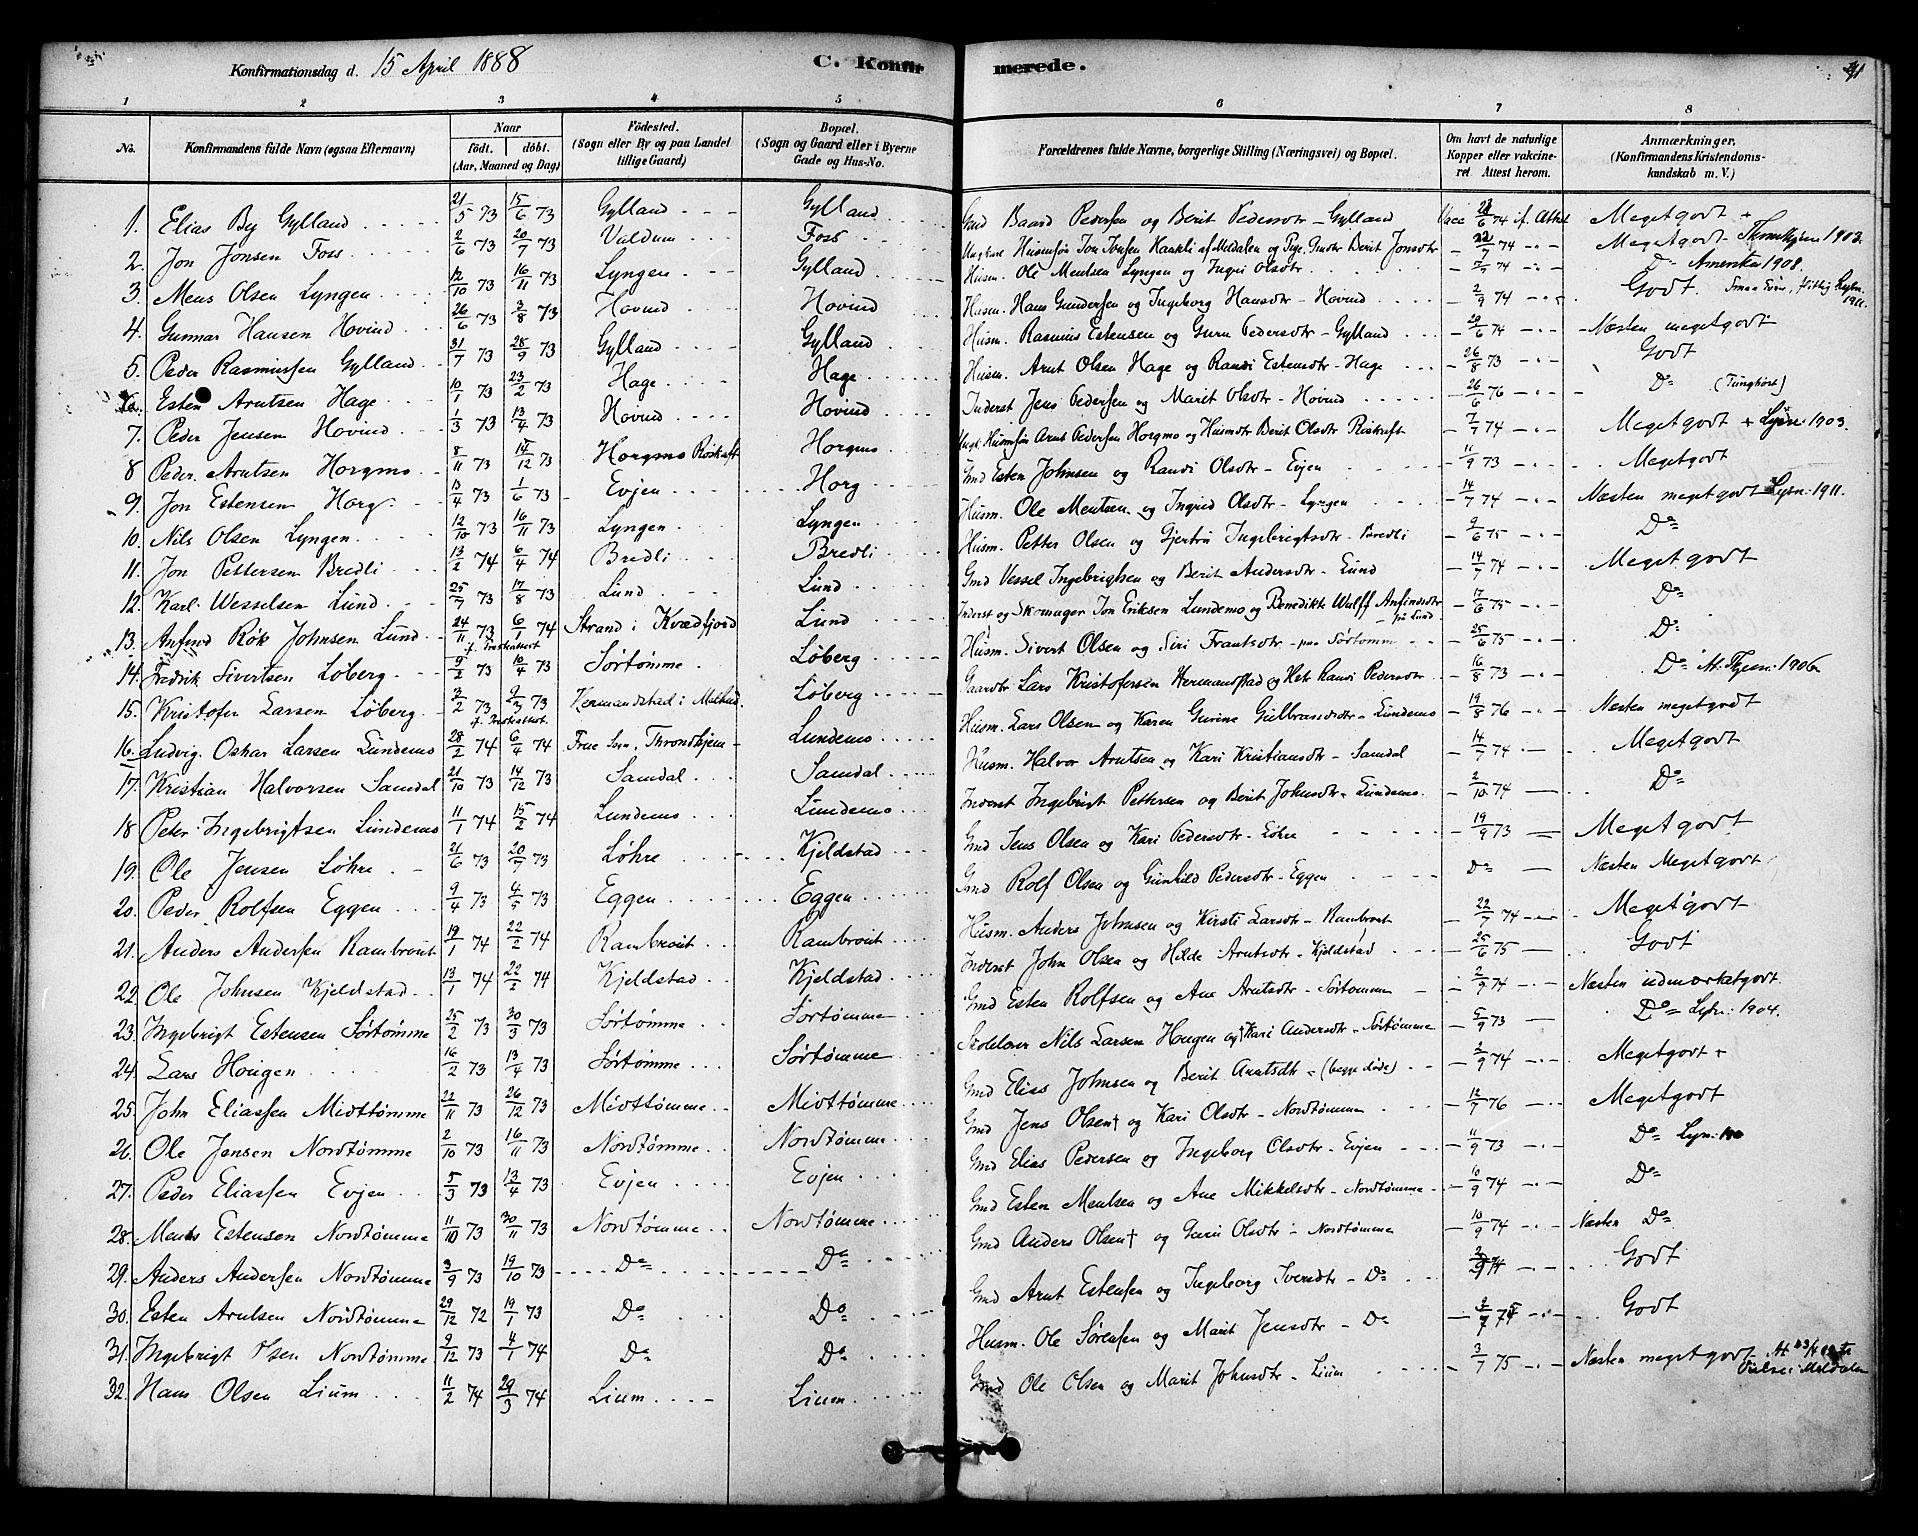 SAT, Ministerialprotokoller, klokkerbøker og fødselsregistre - Sør-Trøndelag, 692/L1105: Ministerialbok nr. 692A05, 1878-1890, s. 91